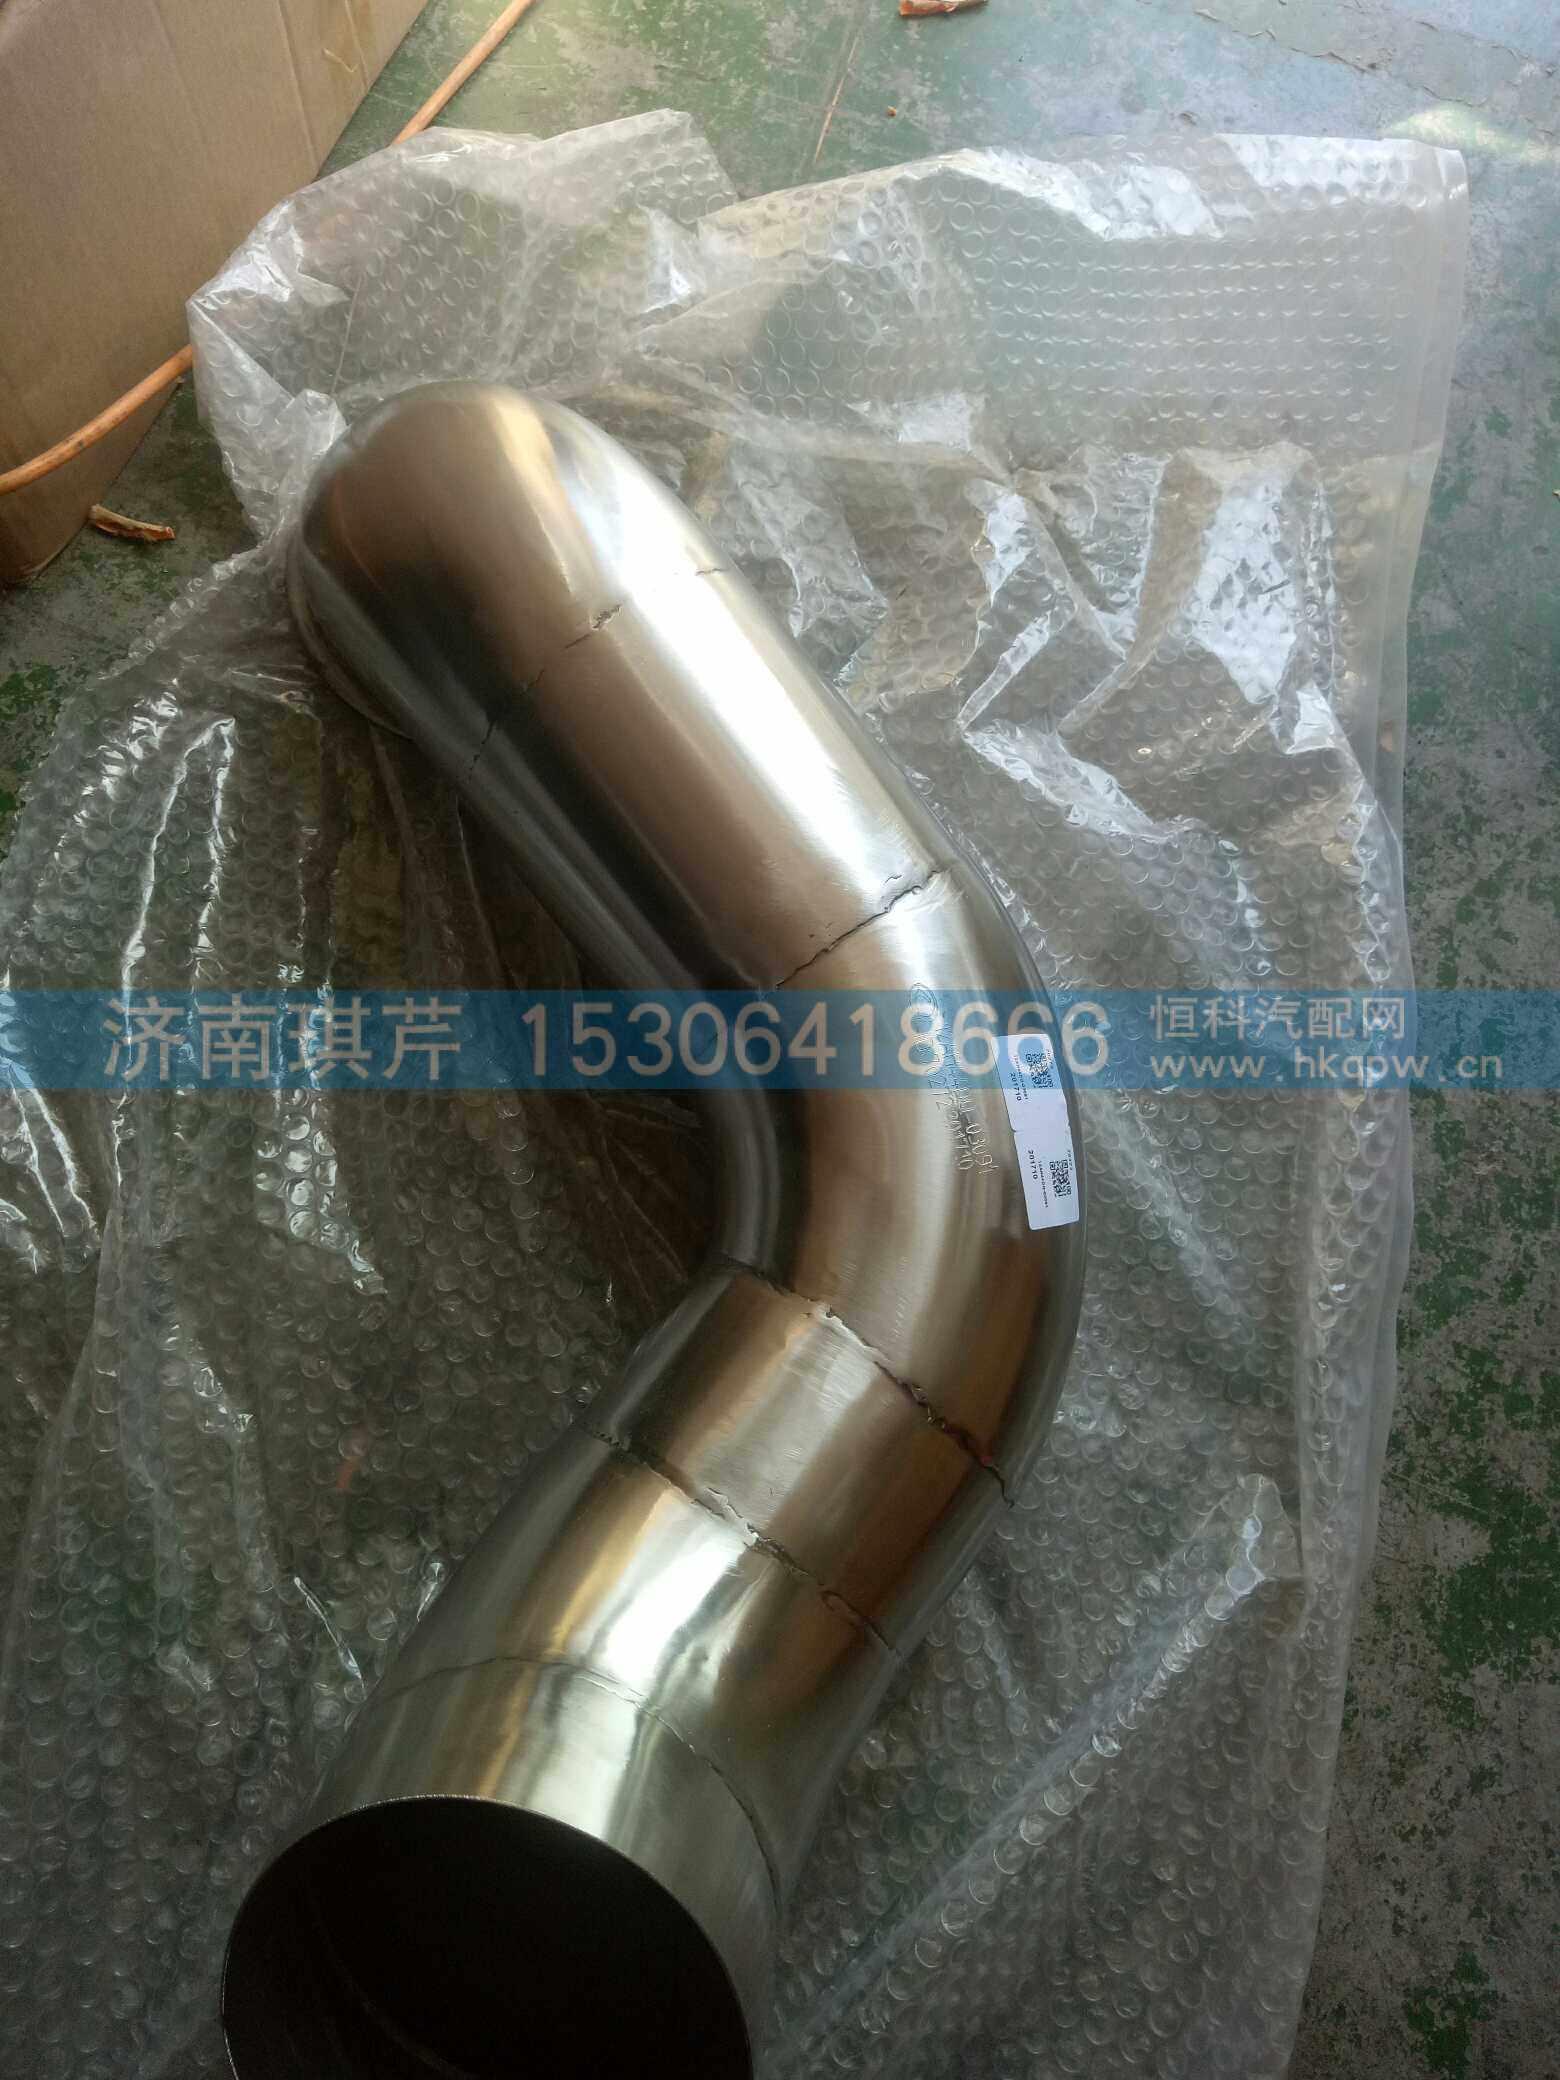 华菱排气管12A44DQ-03091/12A44DQ-03091